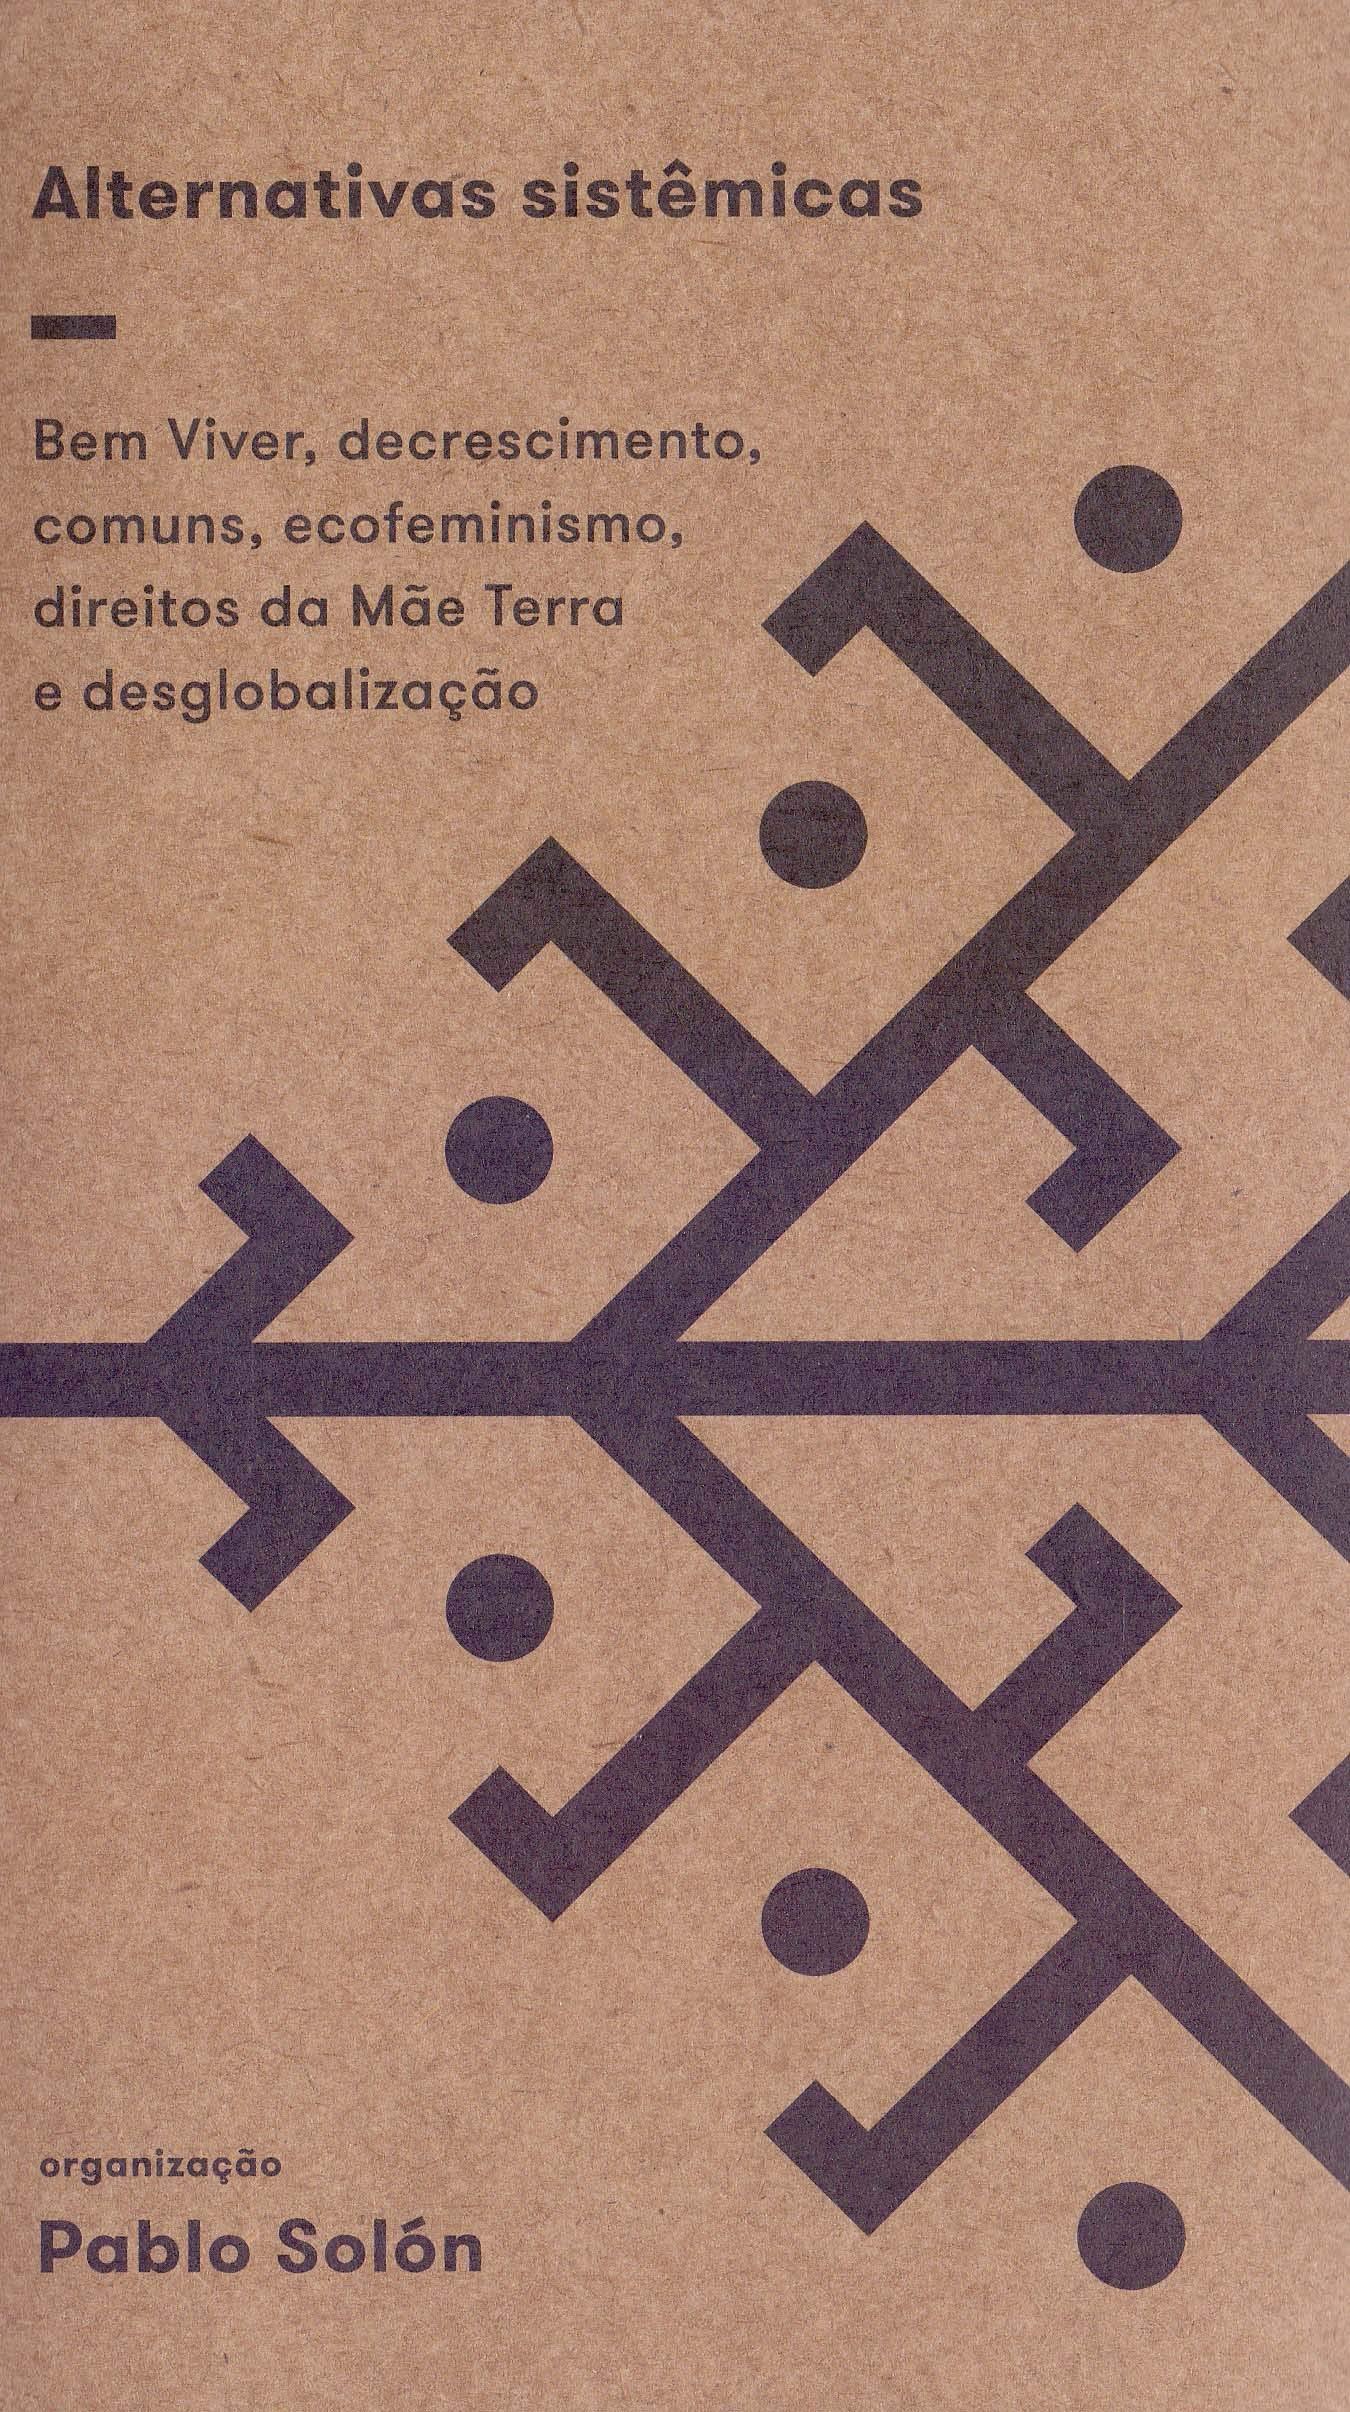 Alternativas Sistêmicas: Bem Viver, decrescimento, comuns, ecofeminismo, direitos da Mãe Terra e desglobalização, livro de Pablo Solón